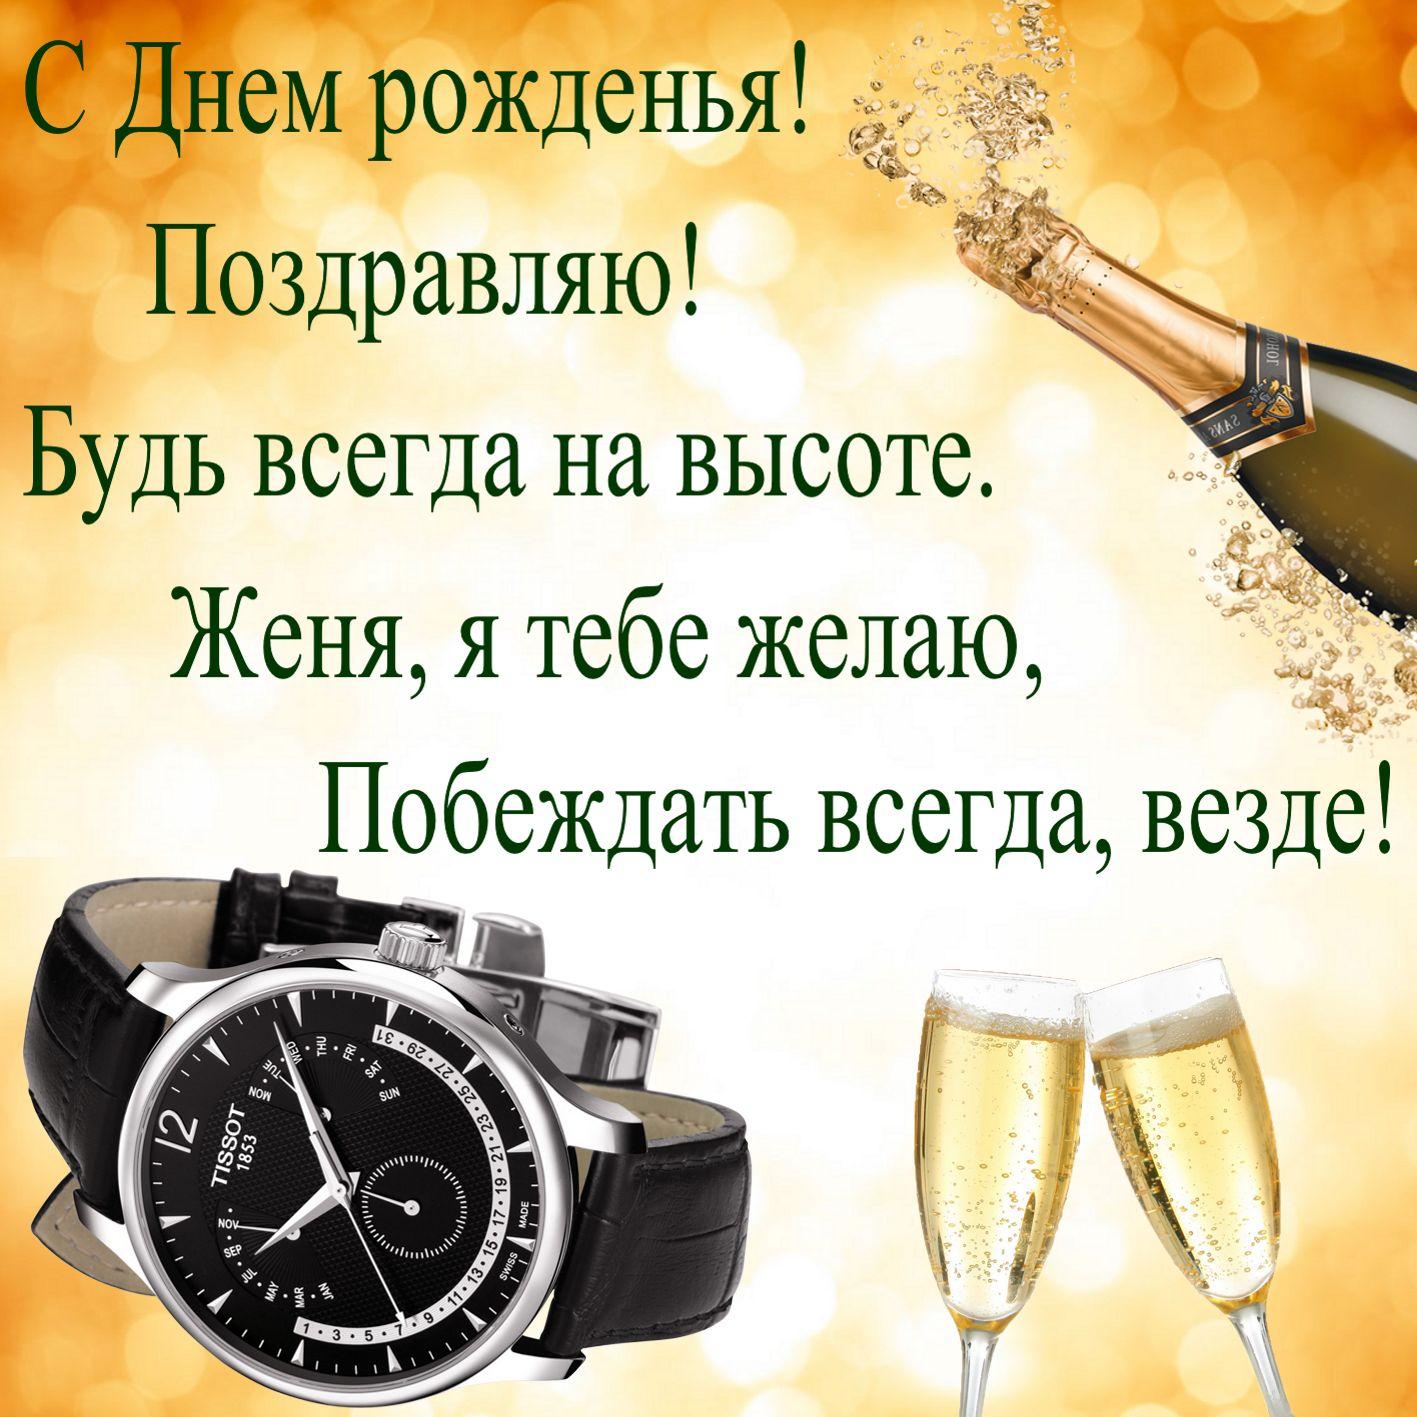 Открытка на День рождения - шампанское и пожелание Евгению